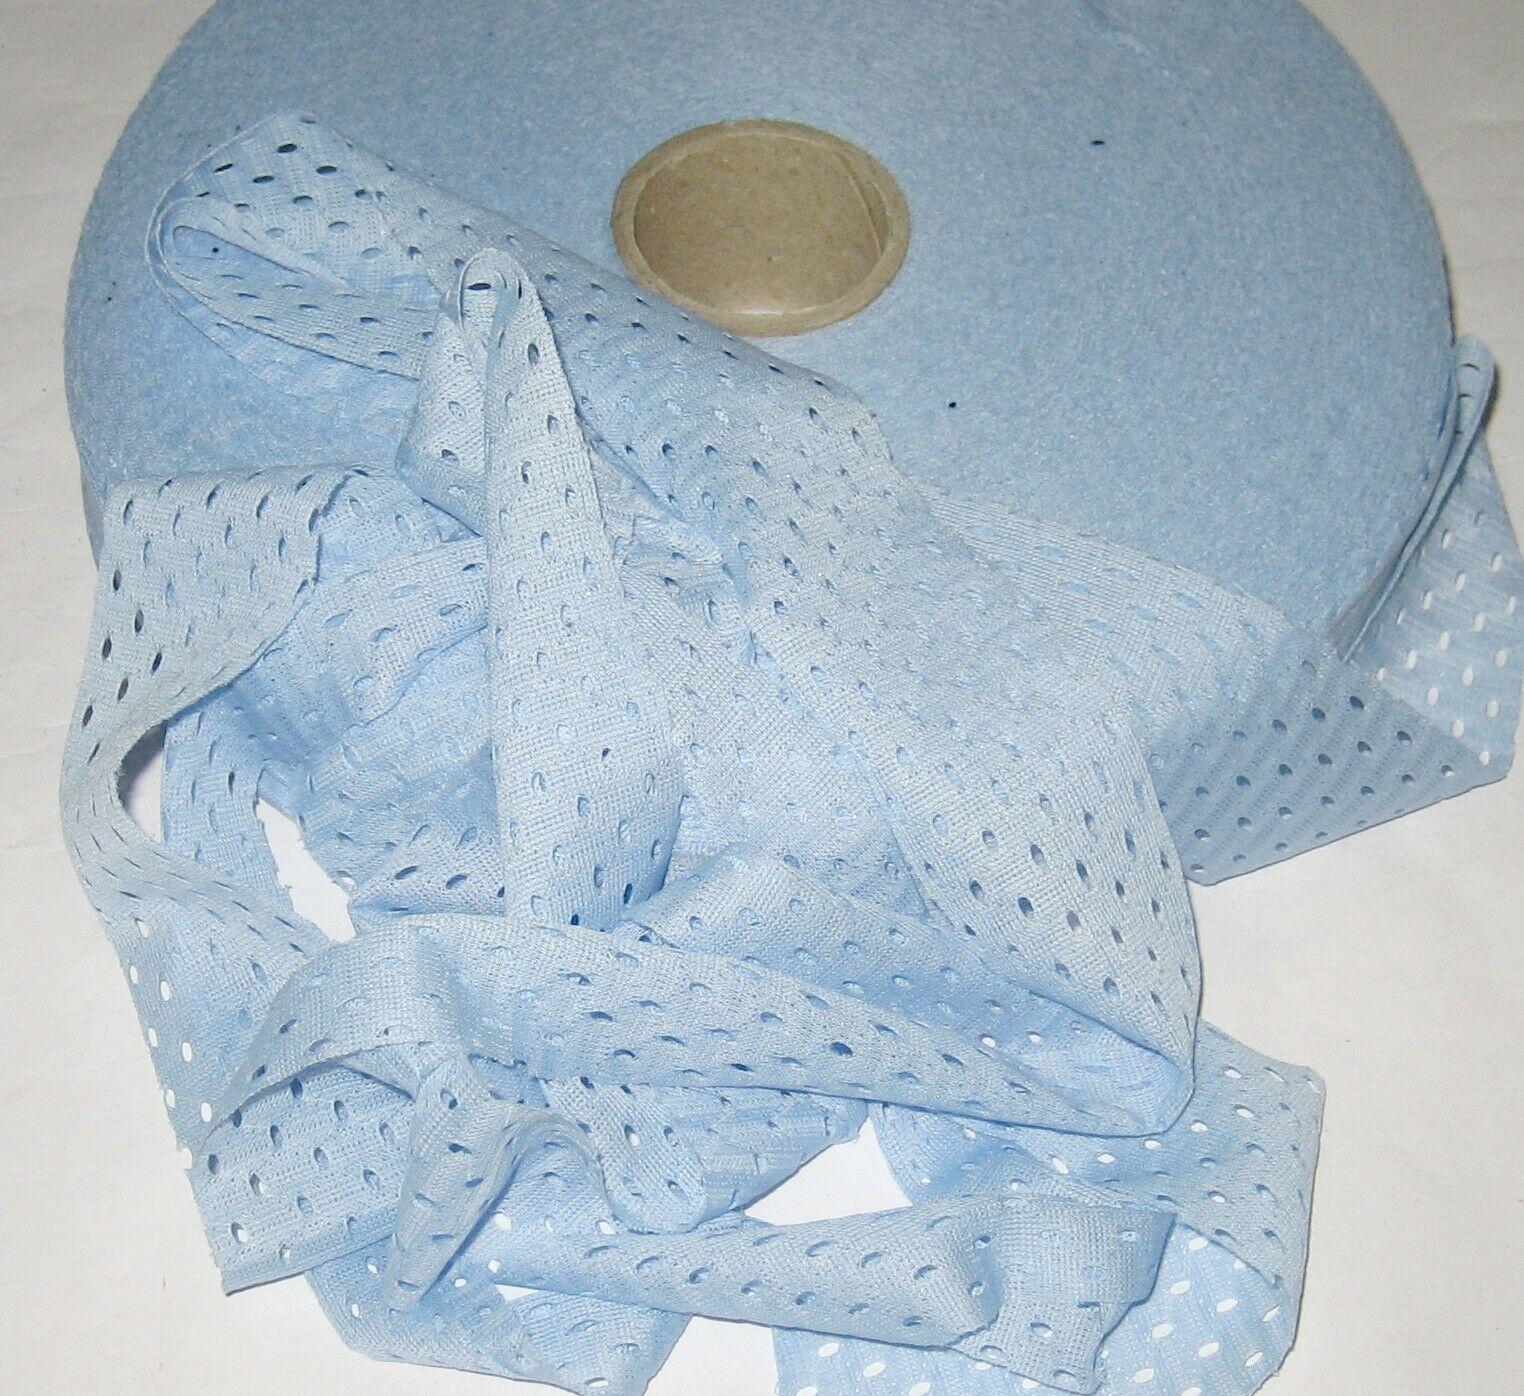 Stafil fettuccia textil Garn reciclado garn beige ganchillos 91611 1kg//18,00 €